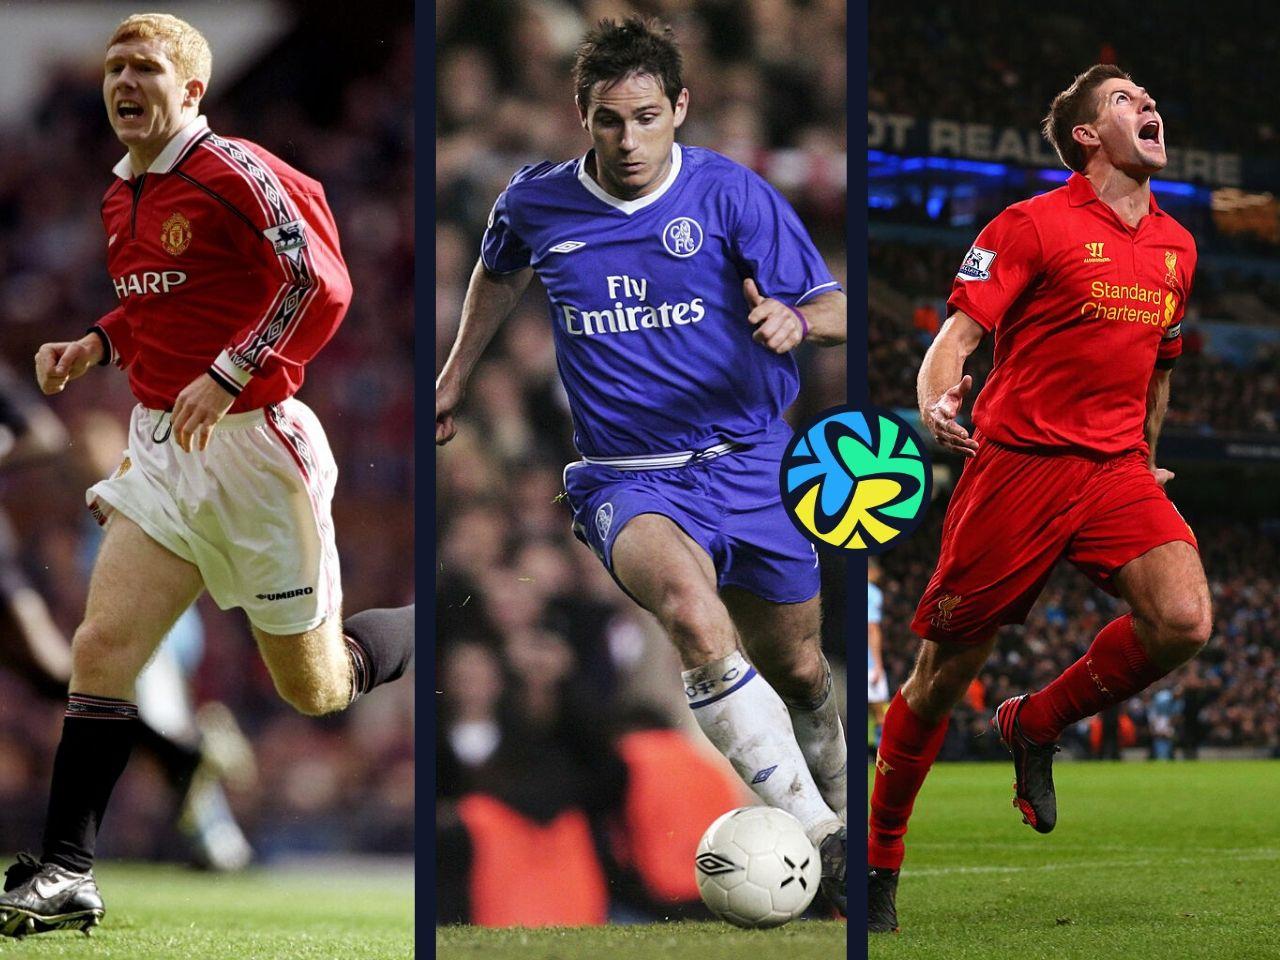 Scholes, Lampard, Gerrard